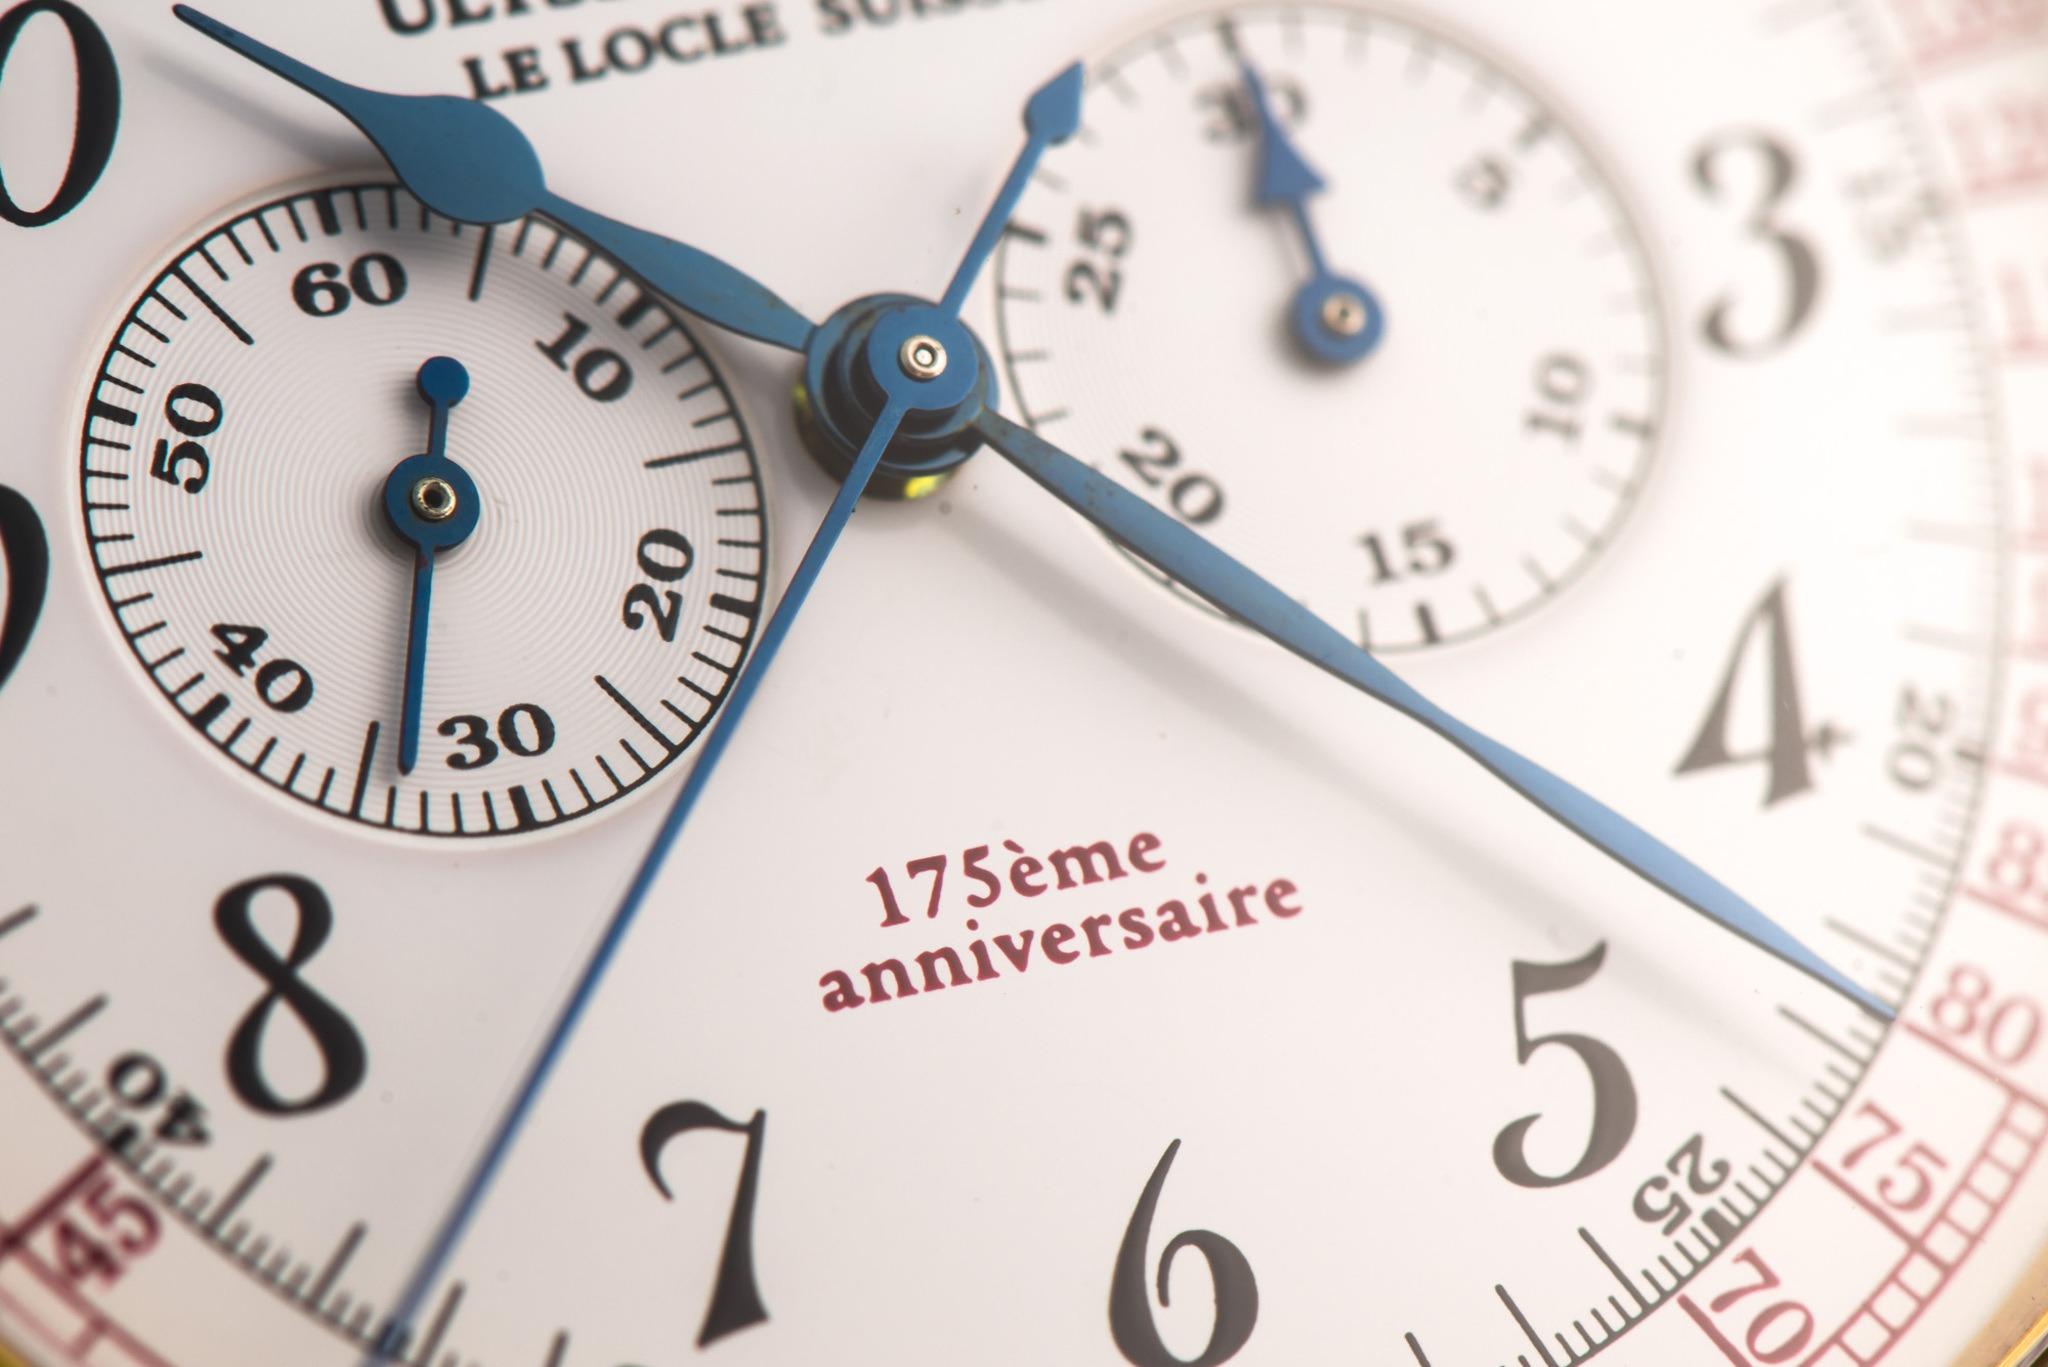 Lot 333 : Ulysse Nardin, Chronographe Mono-poussoir en or